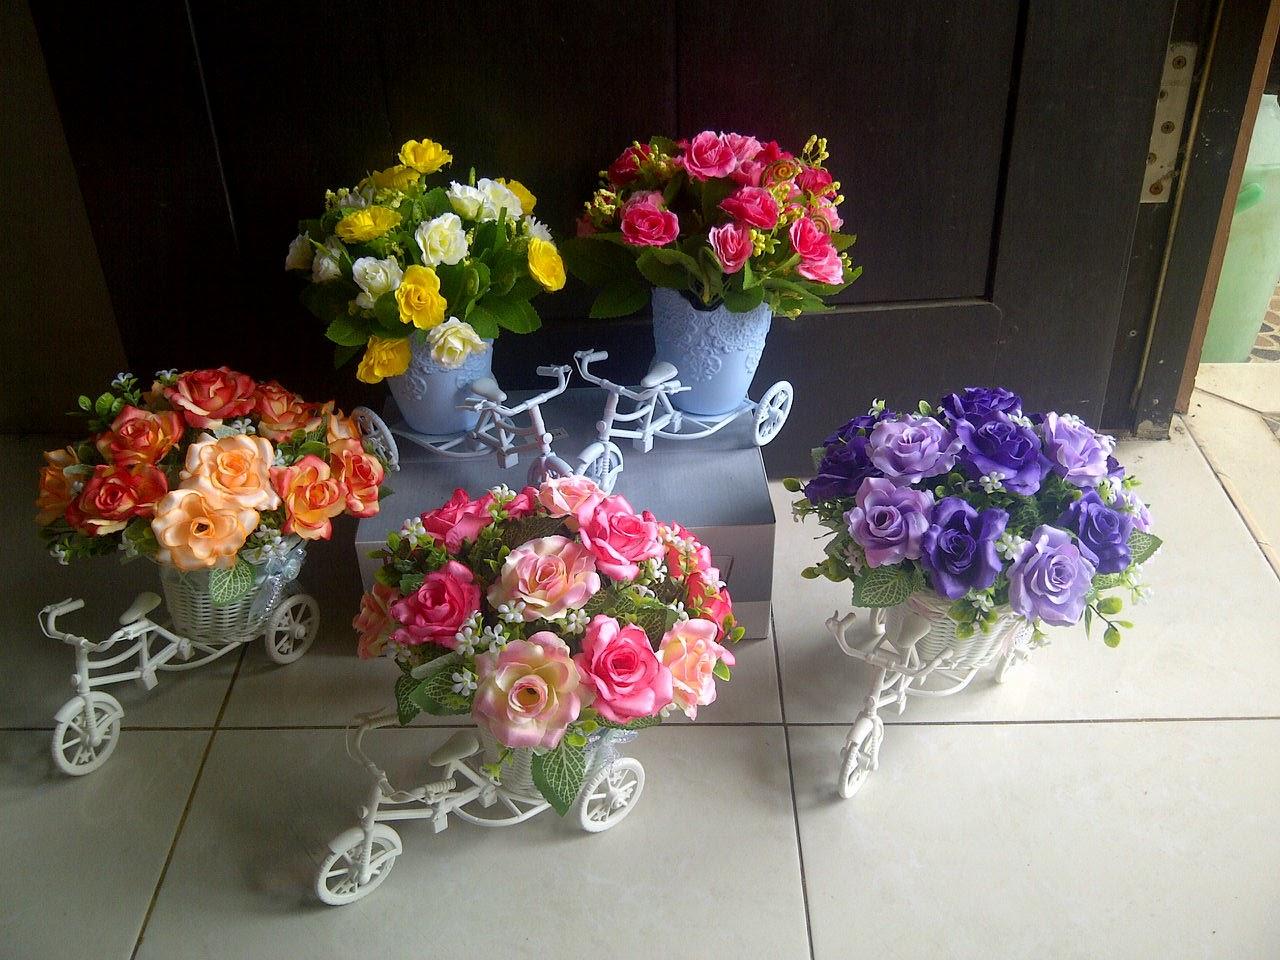 Pondok Dahar Lauk Jogja Bunga Rangkai Kecil Tabletop